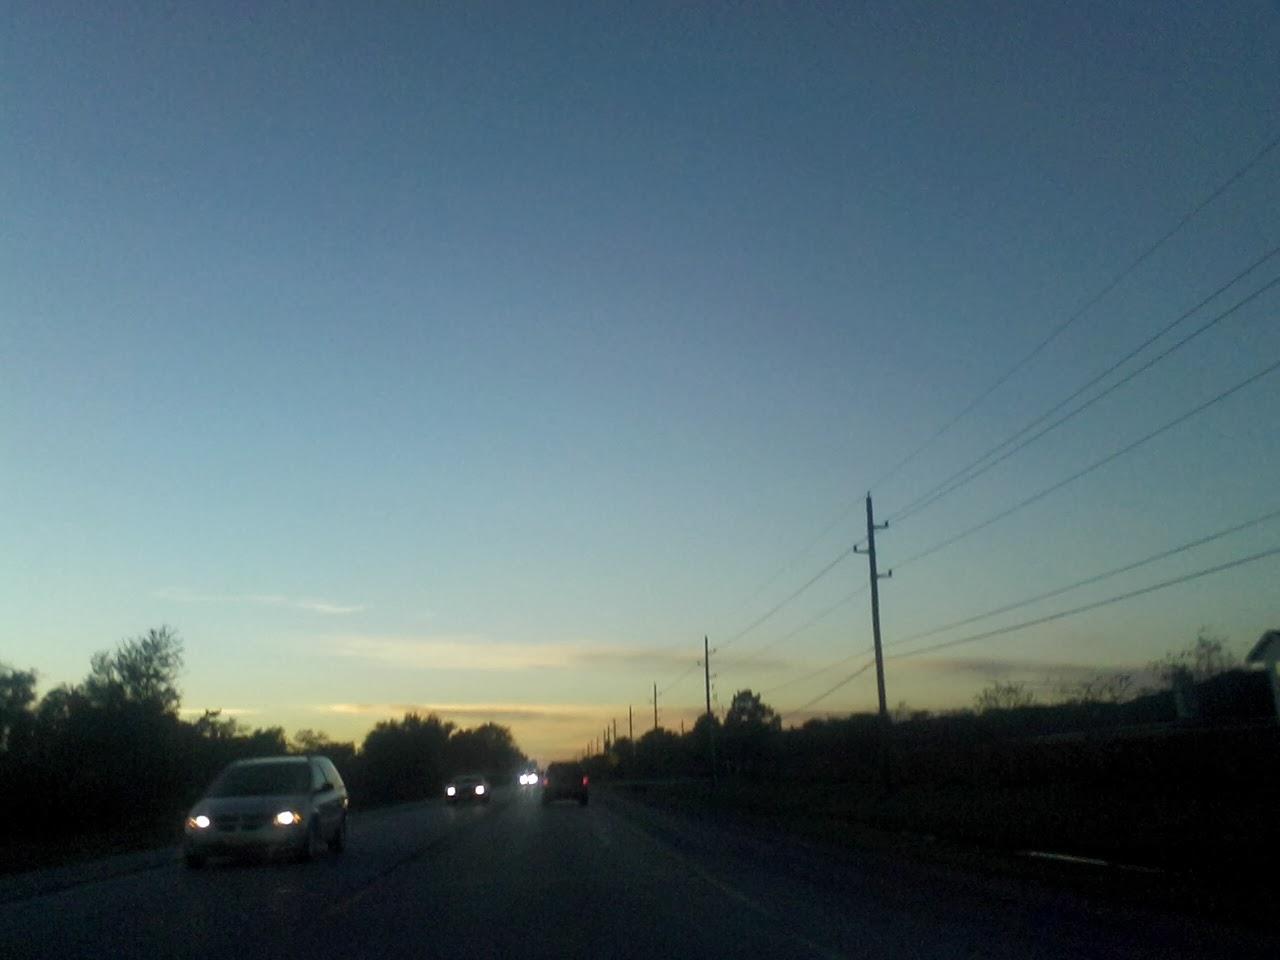 Sky - 1127172644.jpg